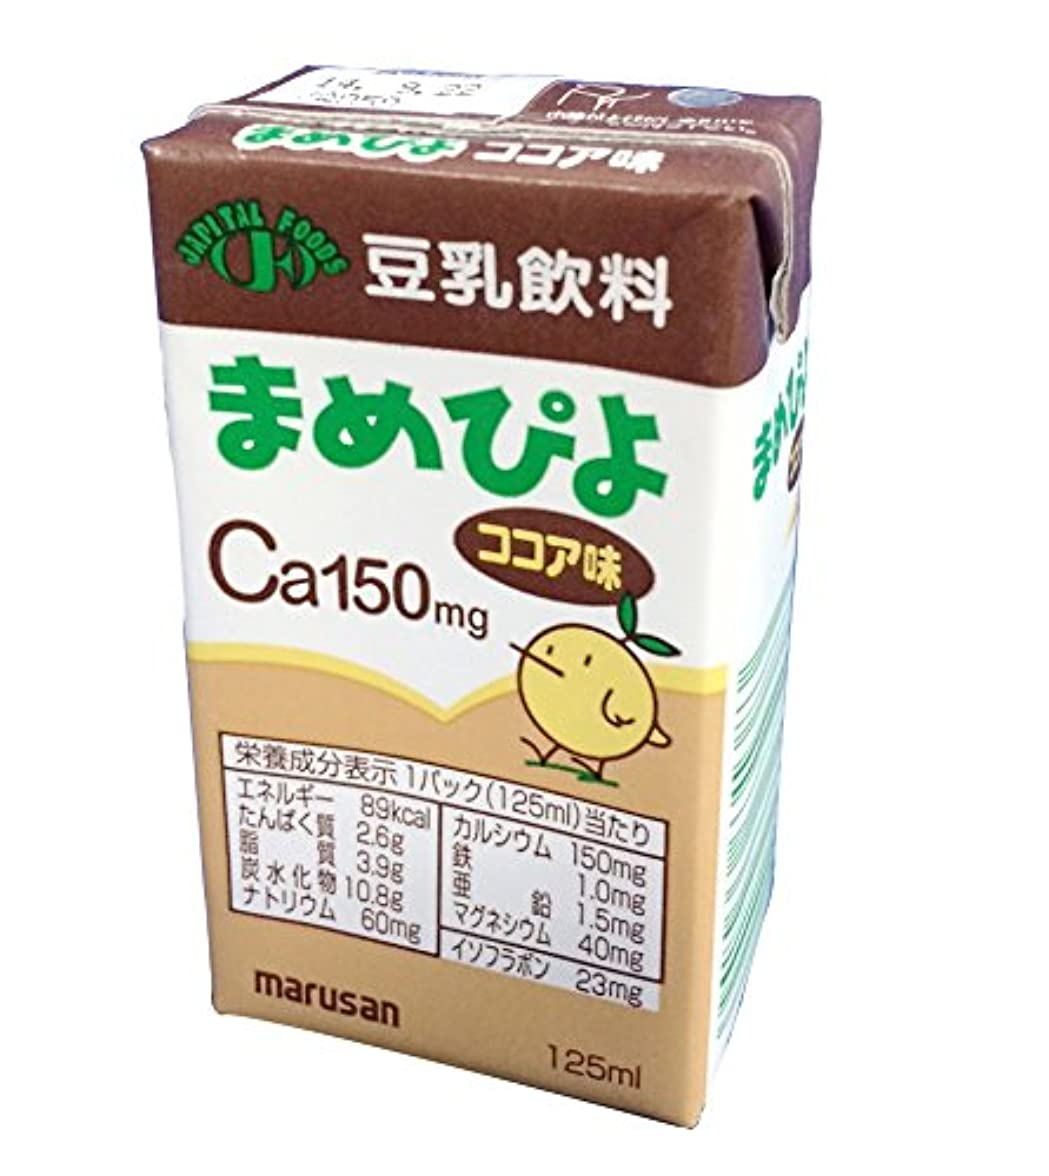 他に置換工業化するまめぴよ ココア味 1ケース 125ml×24本 カルシウム強化(150mg含有) (ココア味)